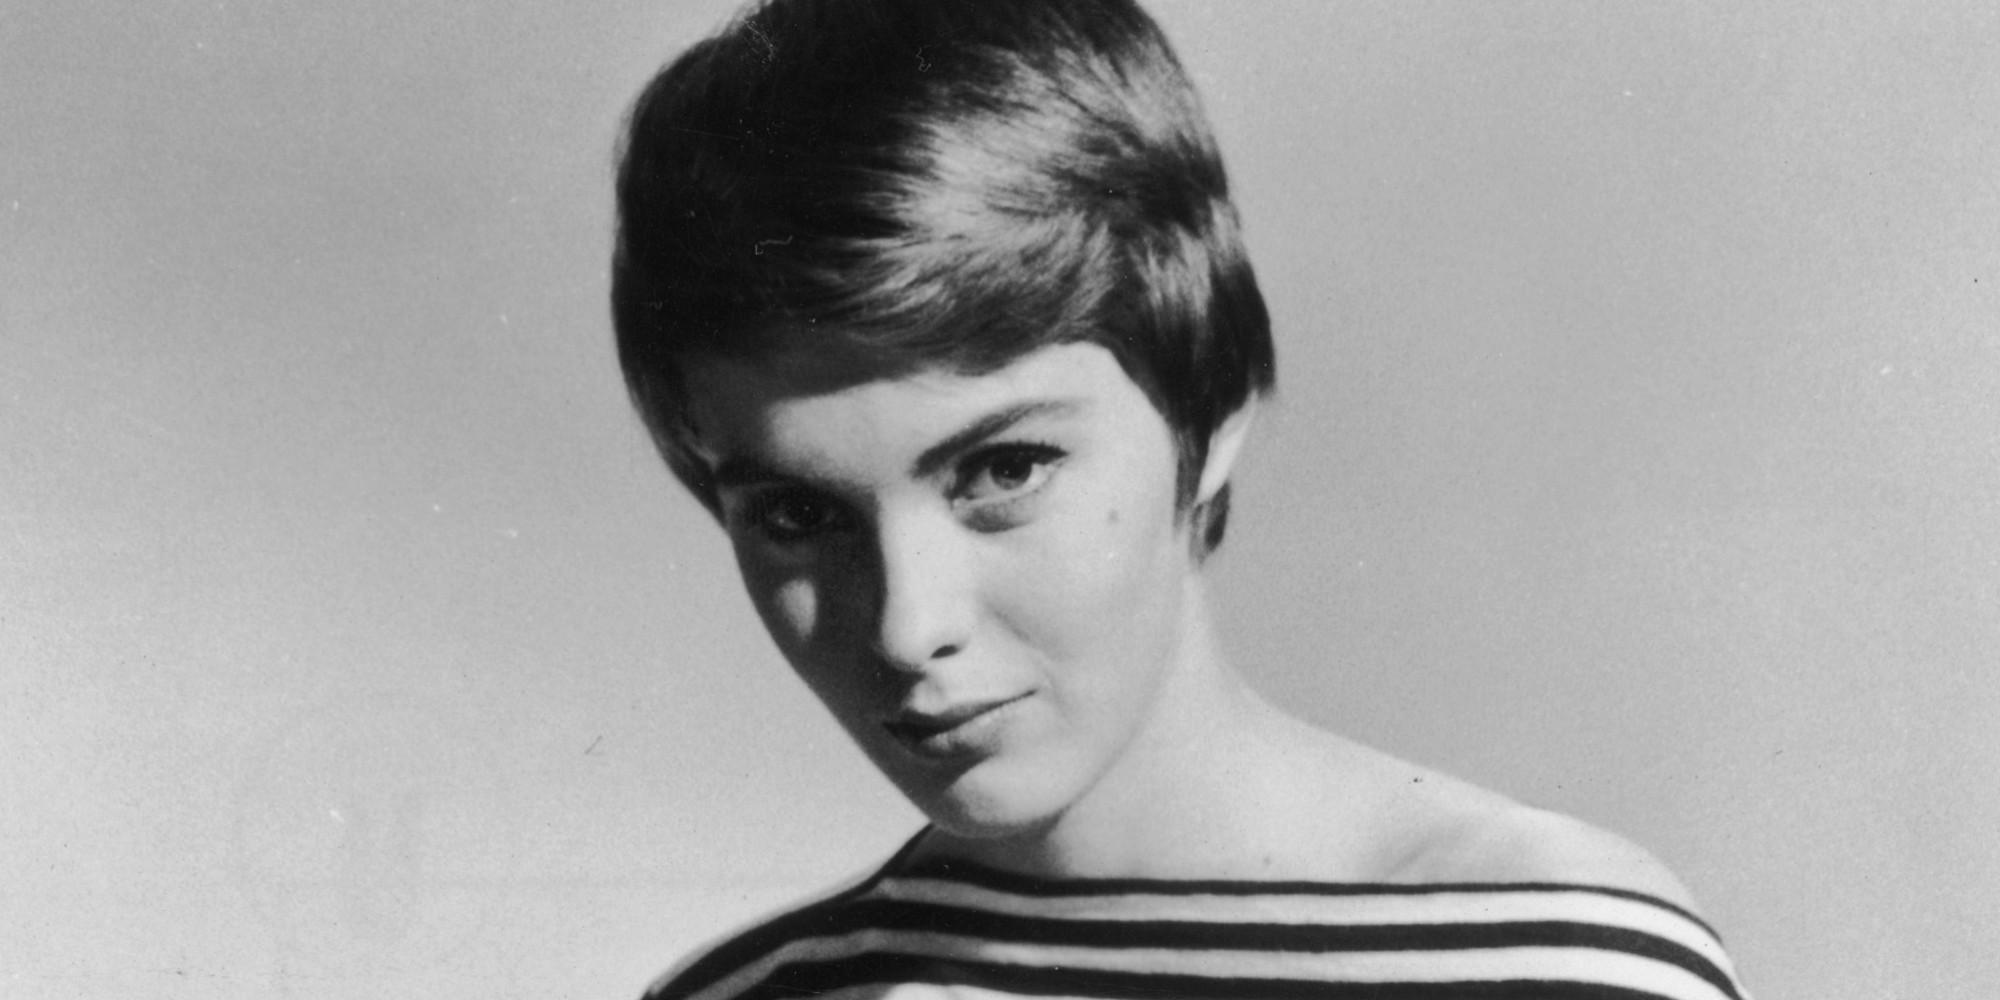 jean seberg 1979